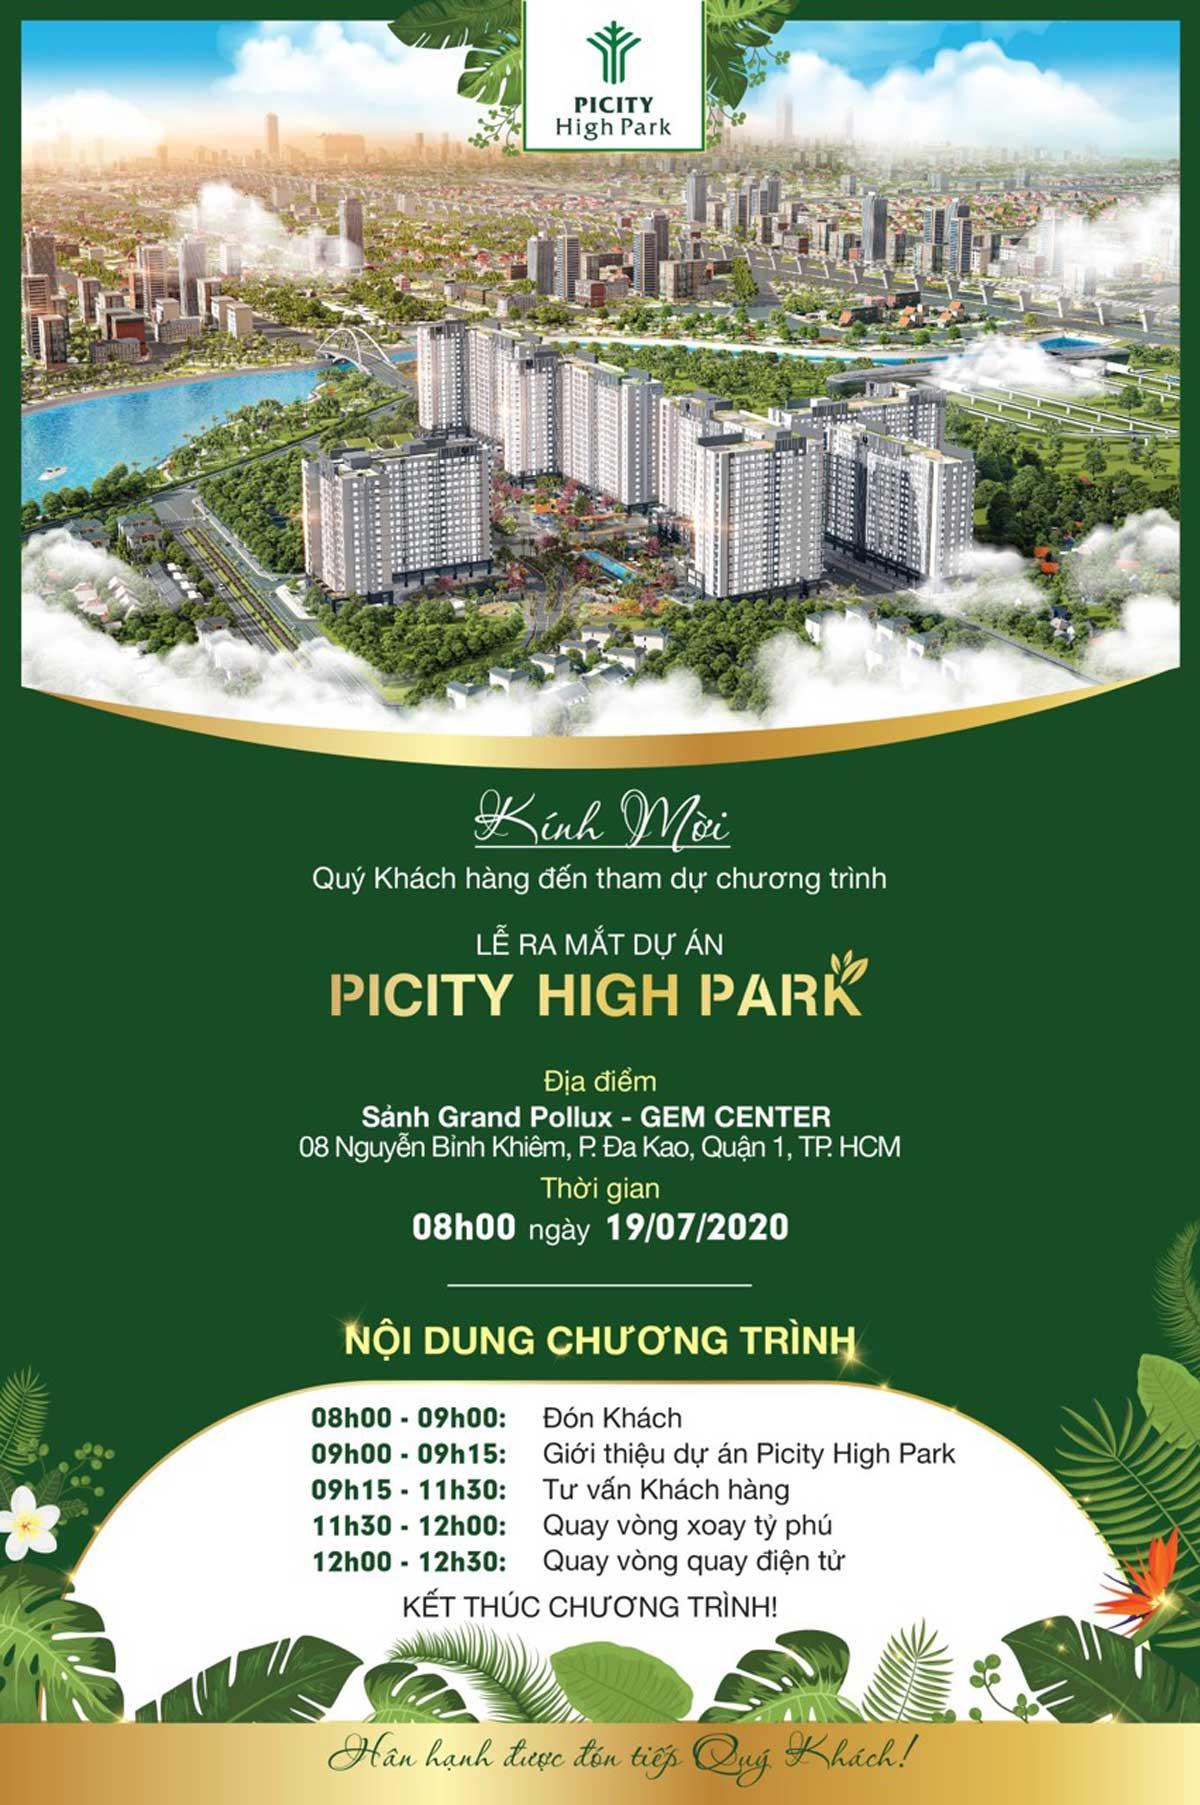 thu moi mo ban picity high park ngay 19 thang 7 nam 2020 - THỂ LỆ CHƯƠNG TRÌNH VÒNG QUAY TỶ PHÚ DỰ ÁN PICITY HIGH PARK